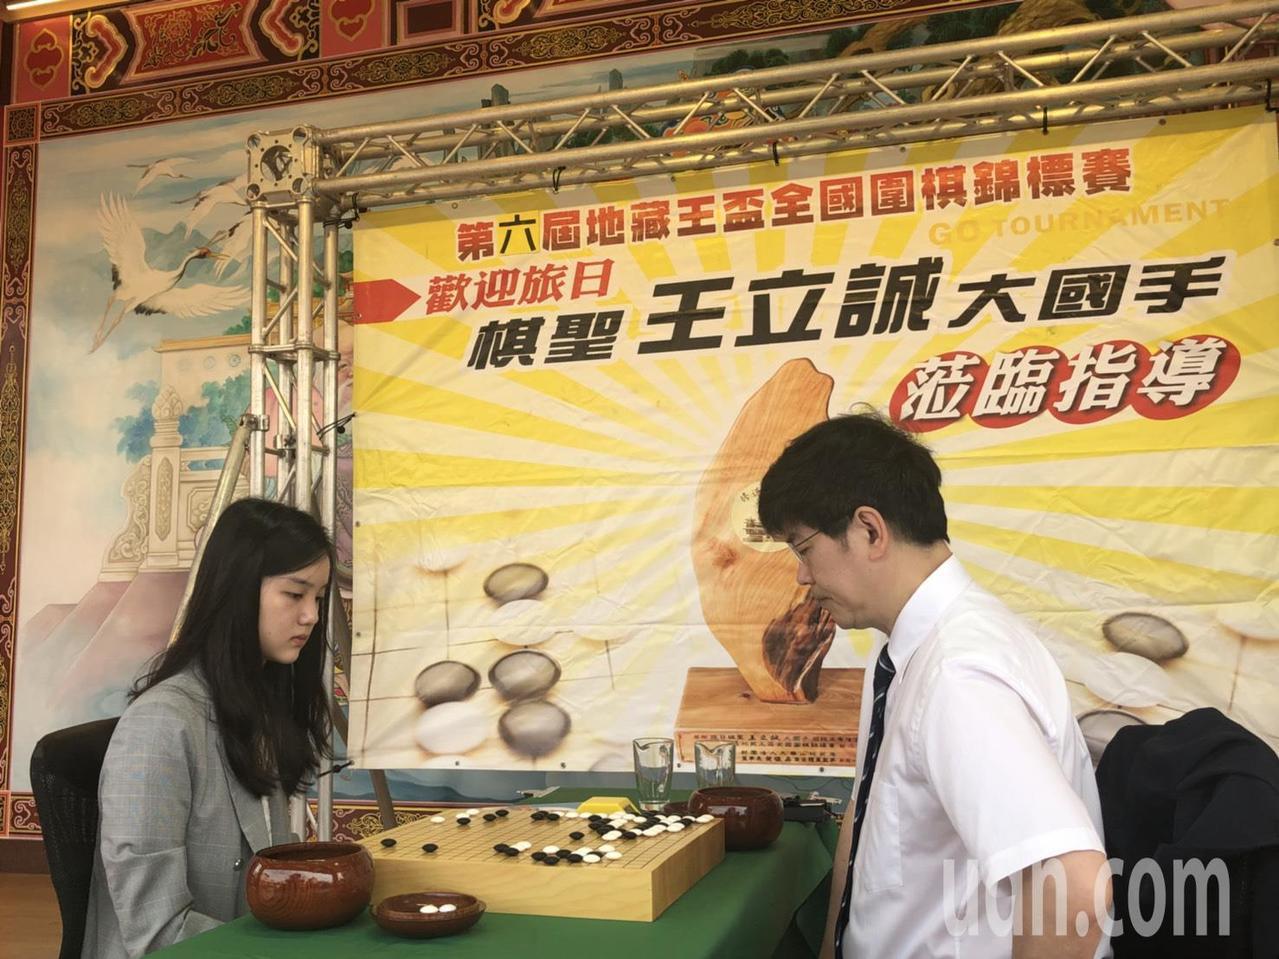 第6屆嘉義市「九華山地藏王盃」全國圍棋公開賽今天登場,報名人數達982人,今年再...